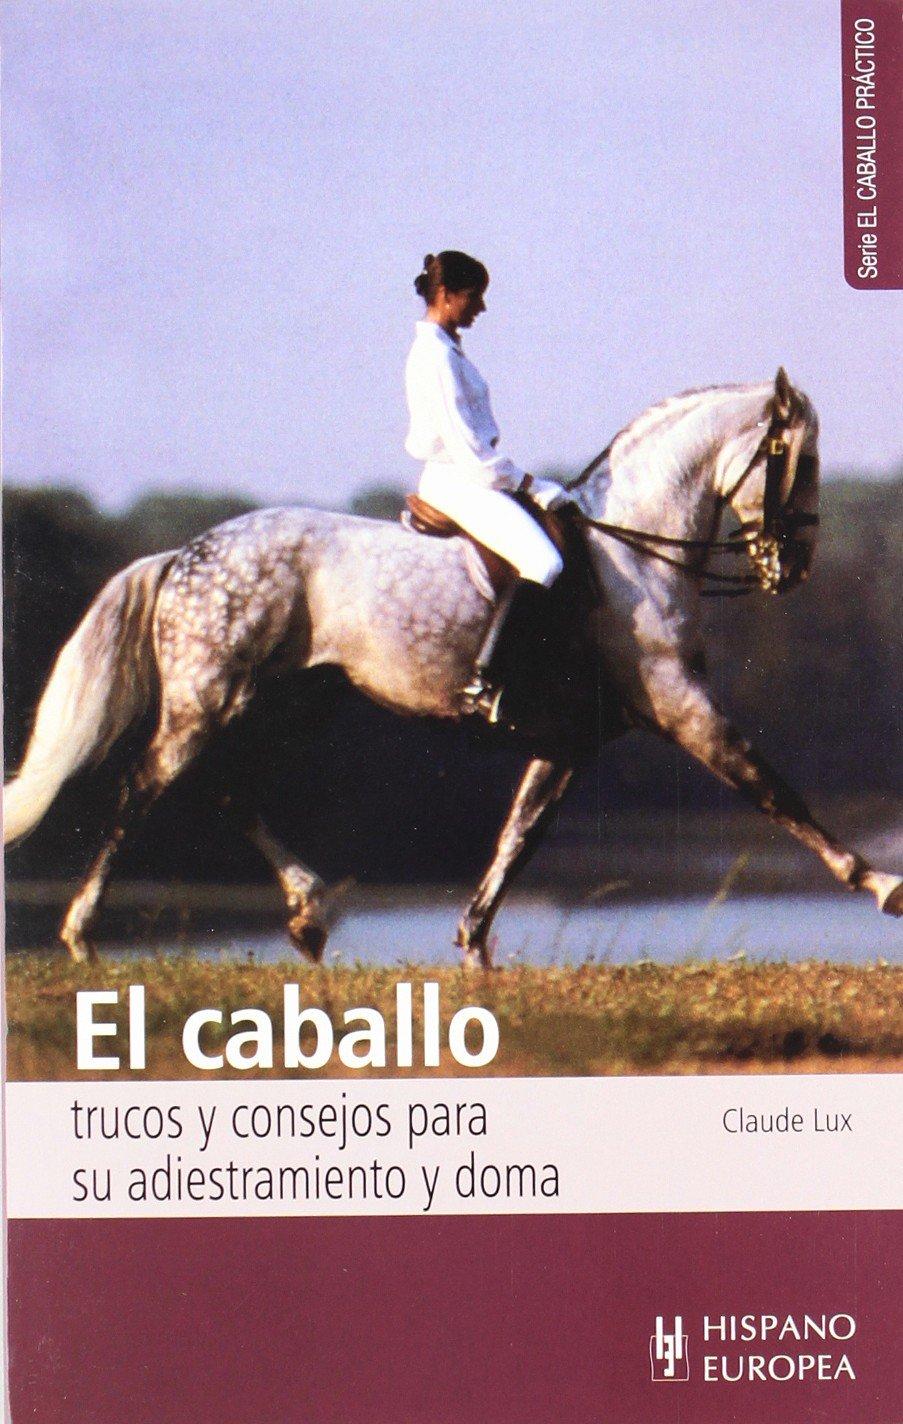 El caballo. Trucos y consejos para su adiestramiento y doma (El caballo práctico) Tapa blanda – 1 nov 2016 Claude Lux Editorial Hispano Europea S.A. 8425509599